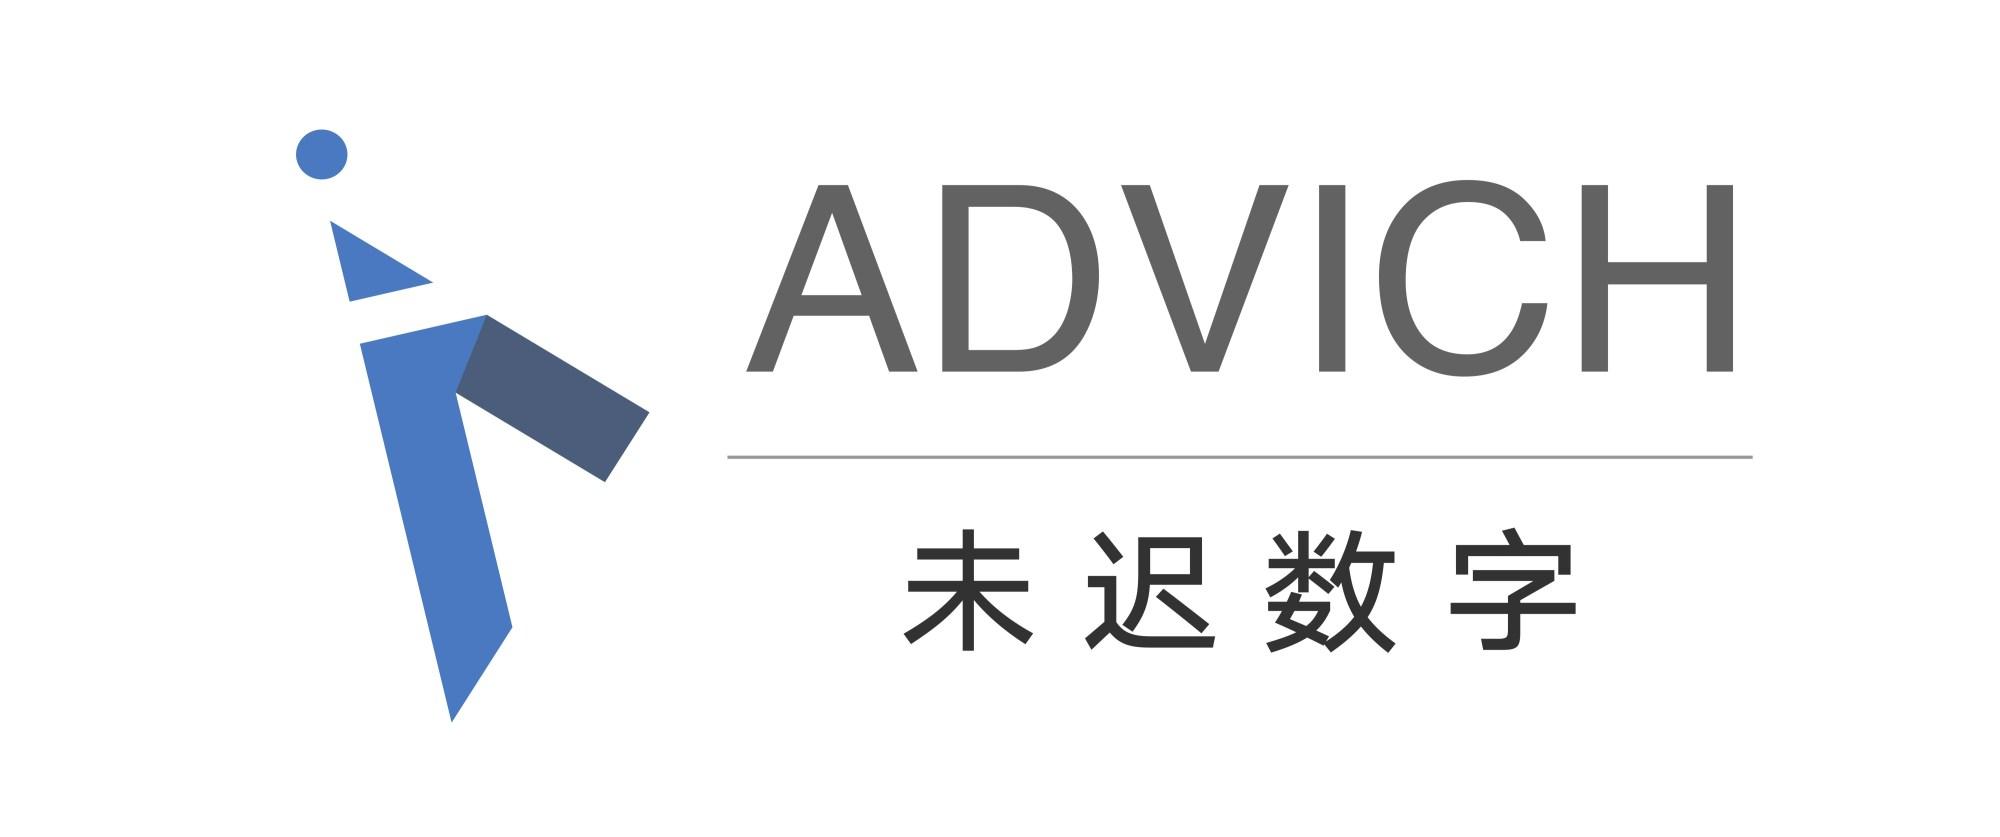 江苏未迟数字技术有限公司